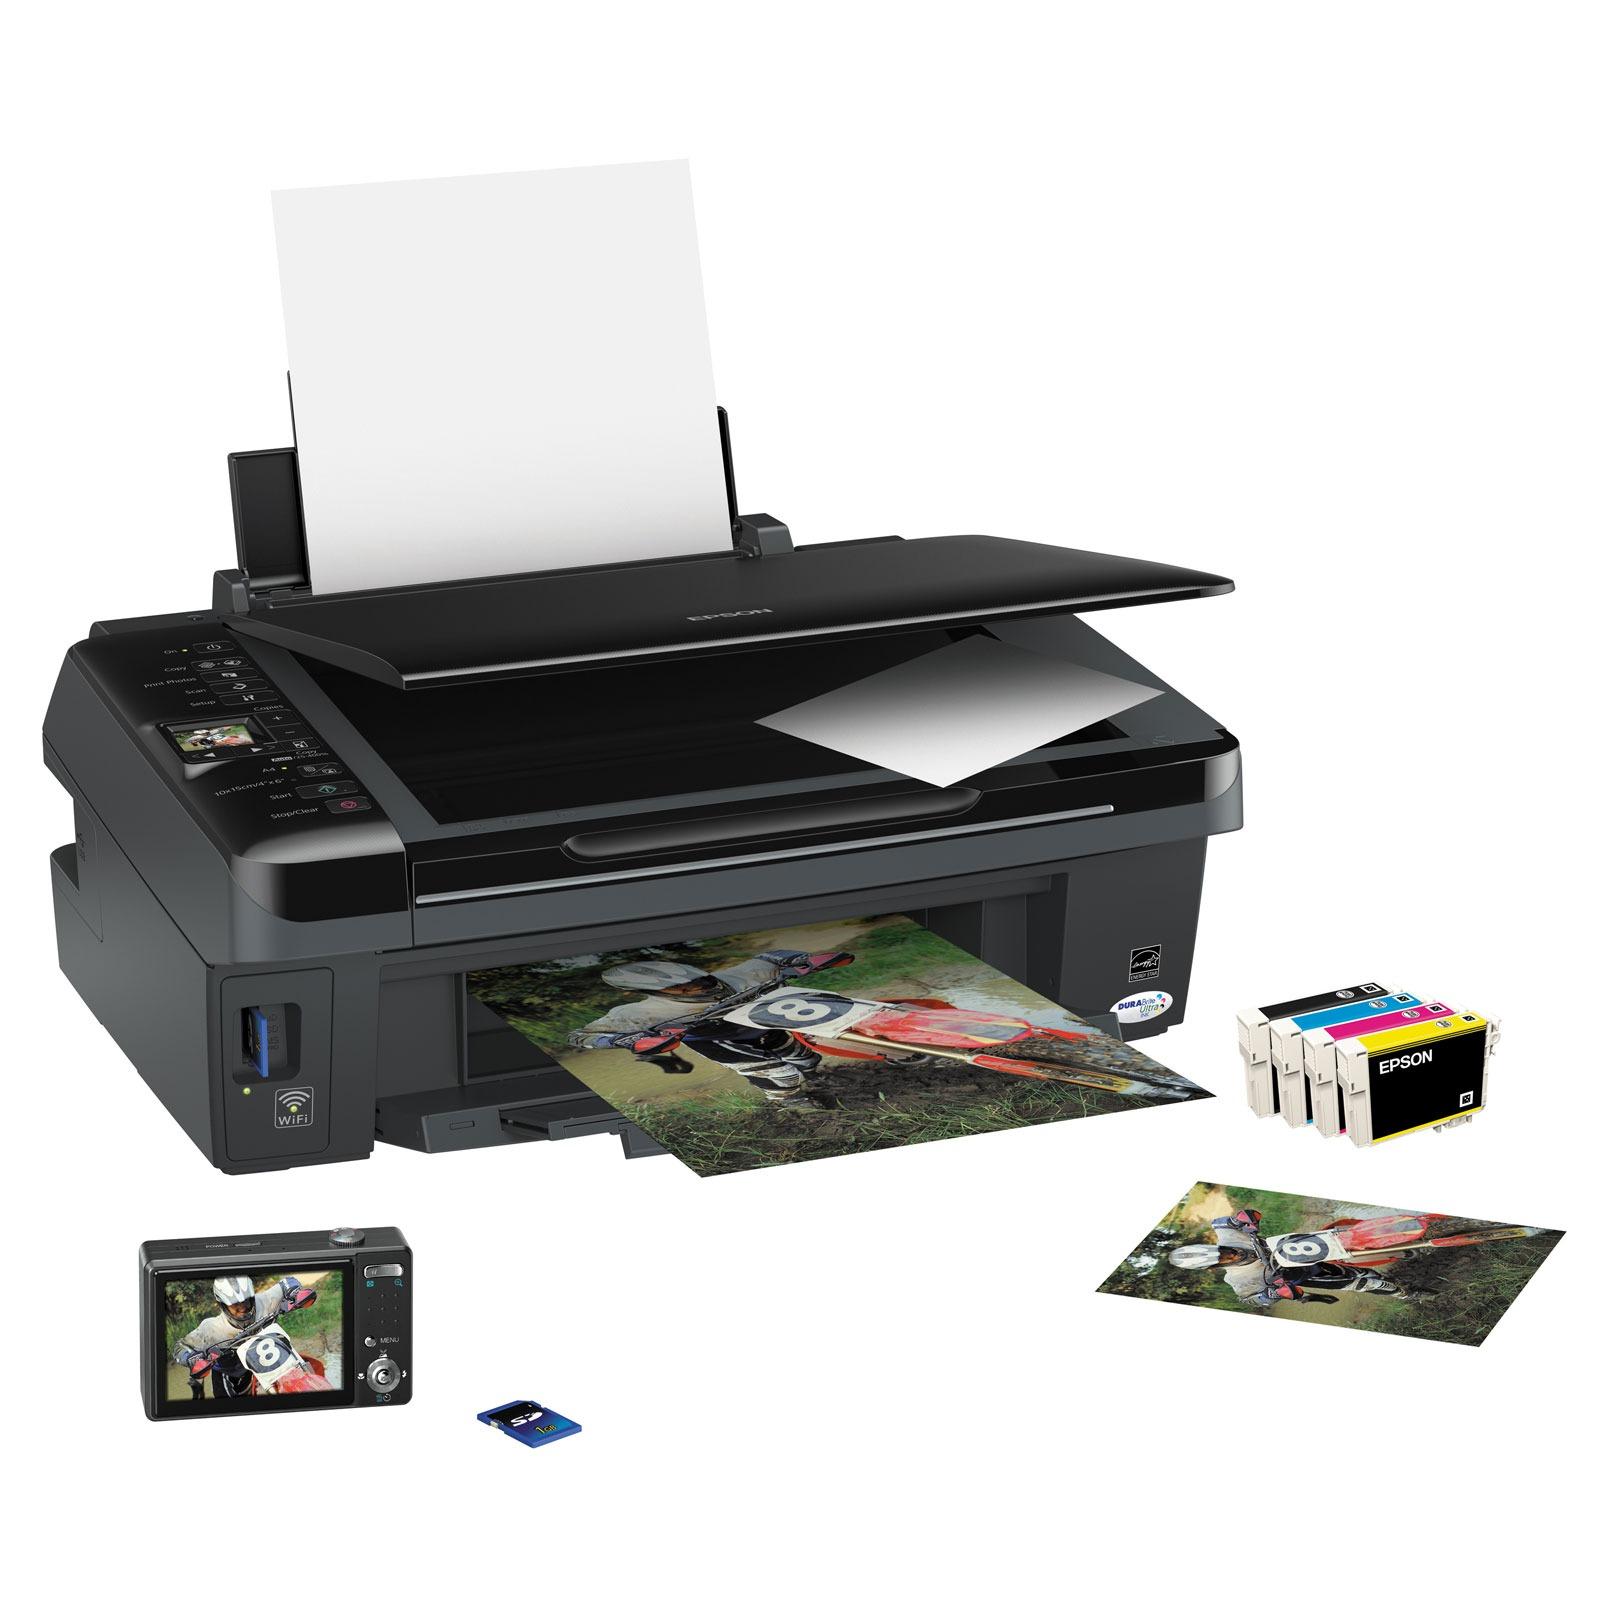 epson stylus sx420w imprimante multifonction epson sur ldlc. Black Bedroom Furniture Sets. Home Design Ideas